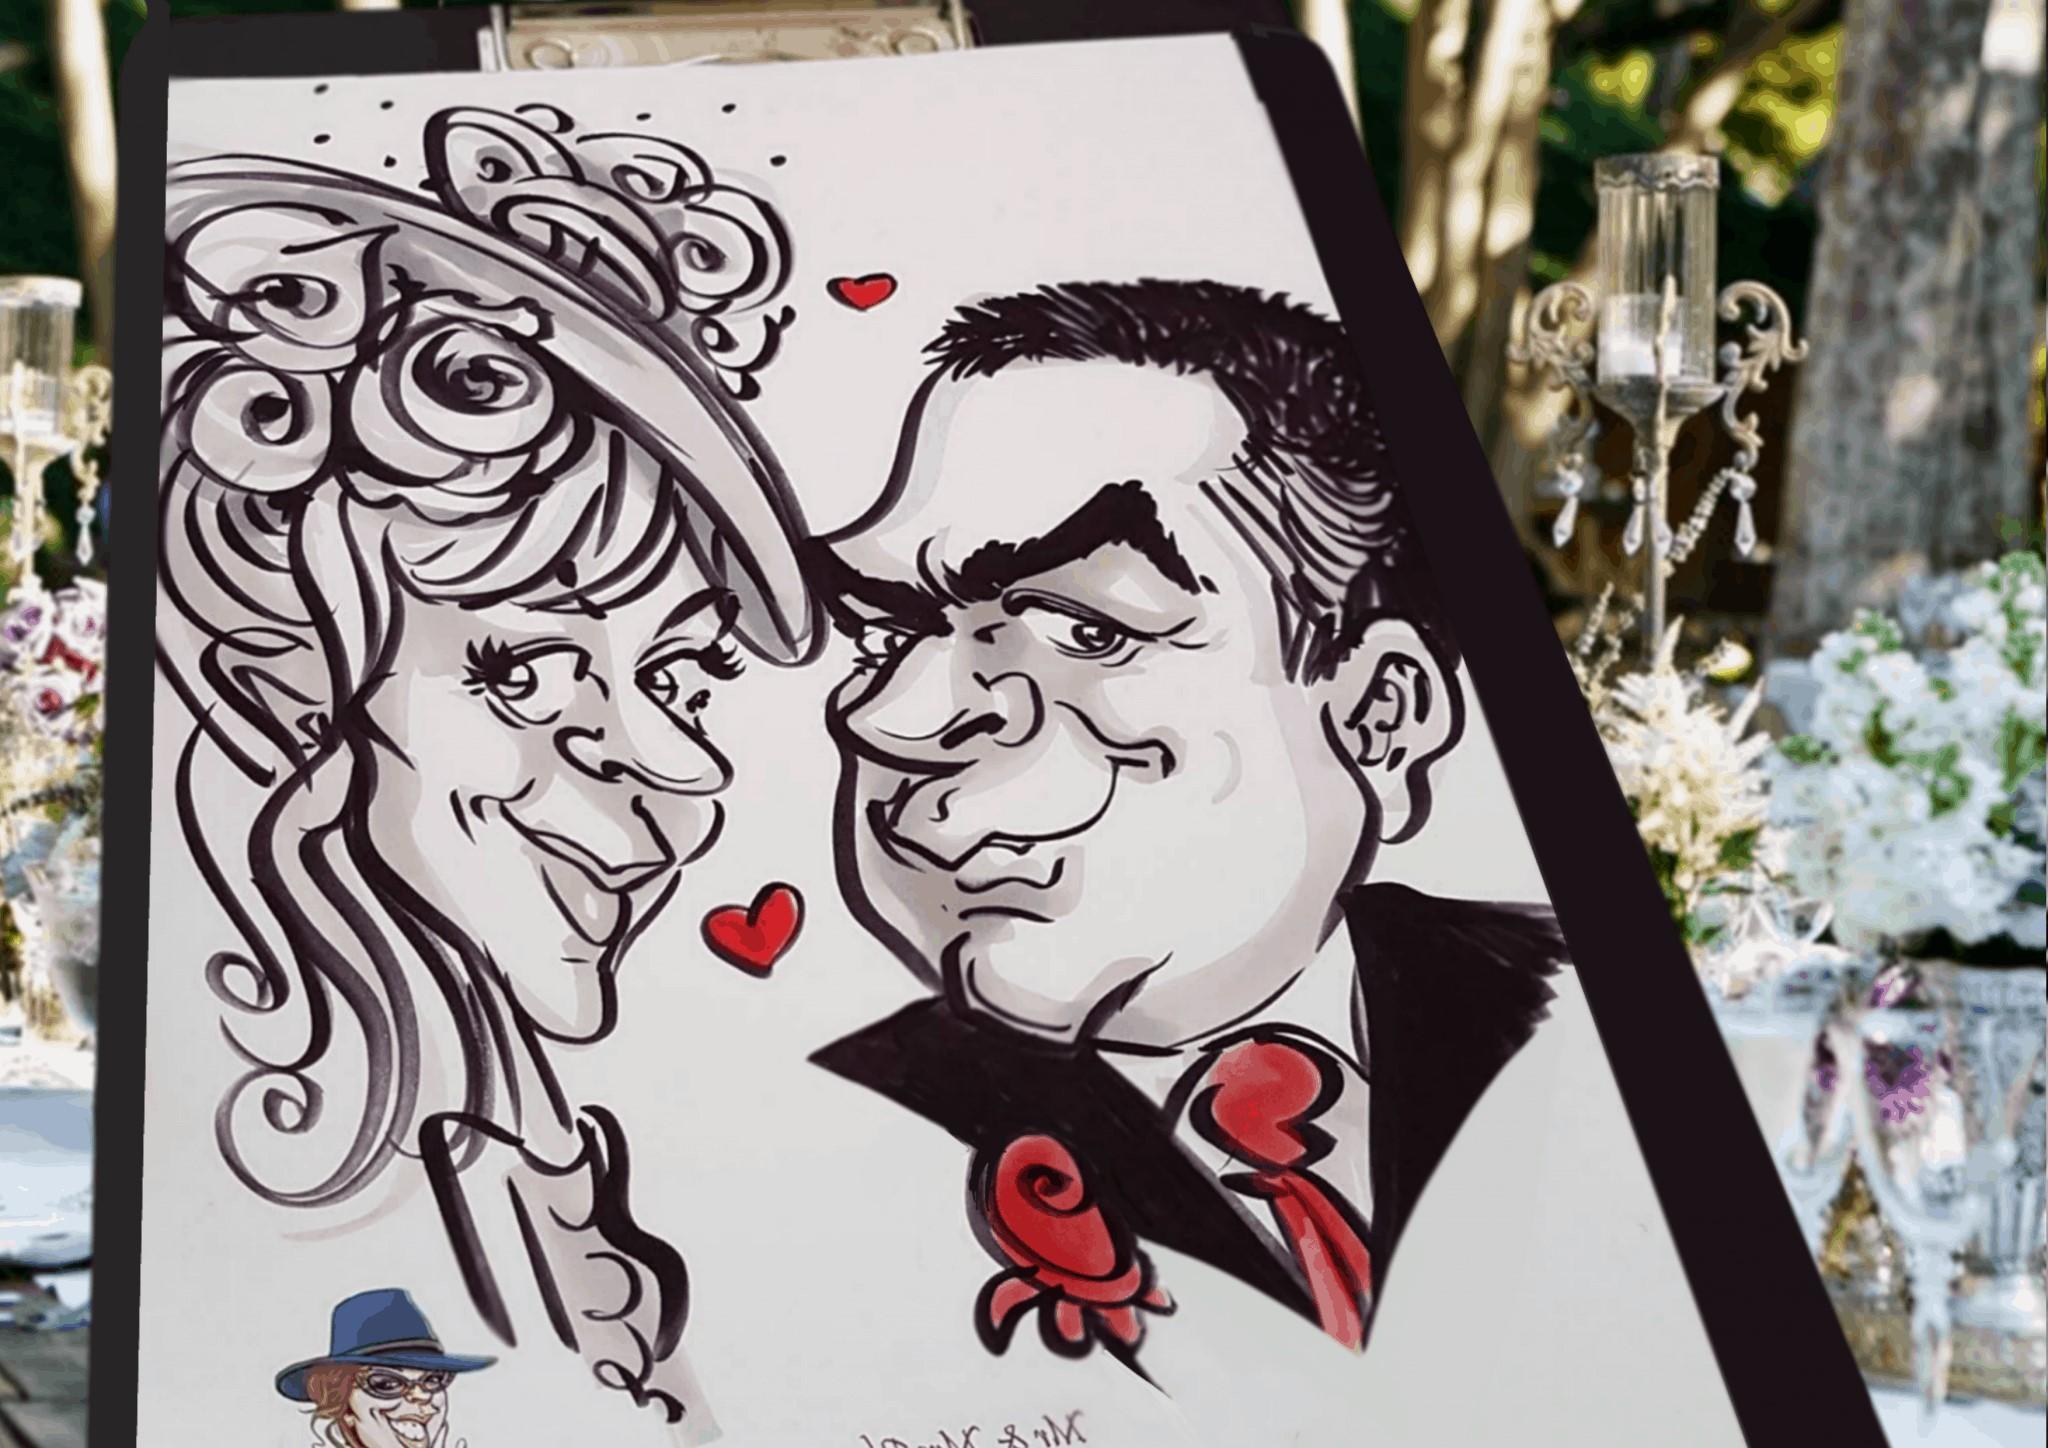 Les caricaturistes sont toujours un bon choix, afin que vos invités aient un souvenir amusant de votre journée spéciale.